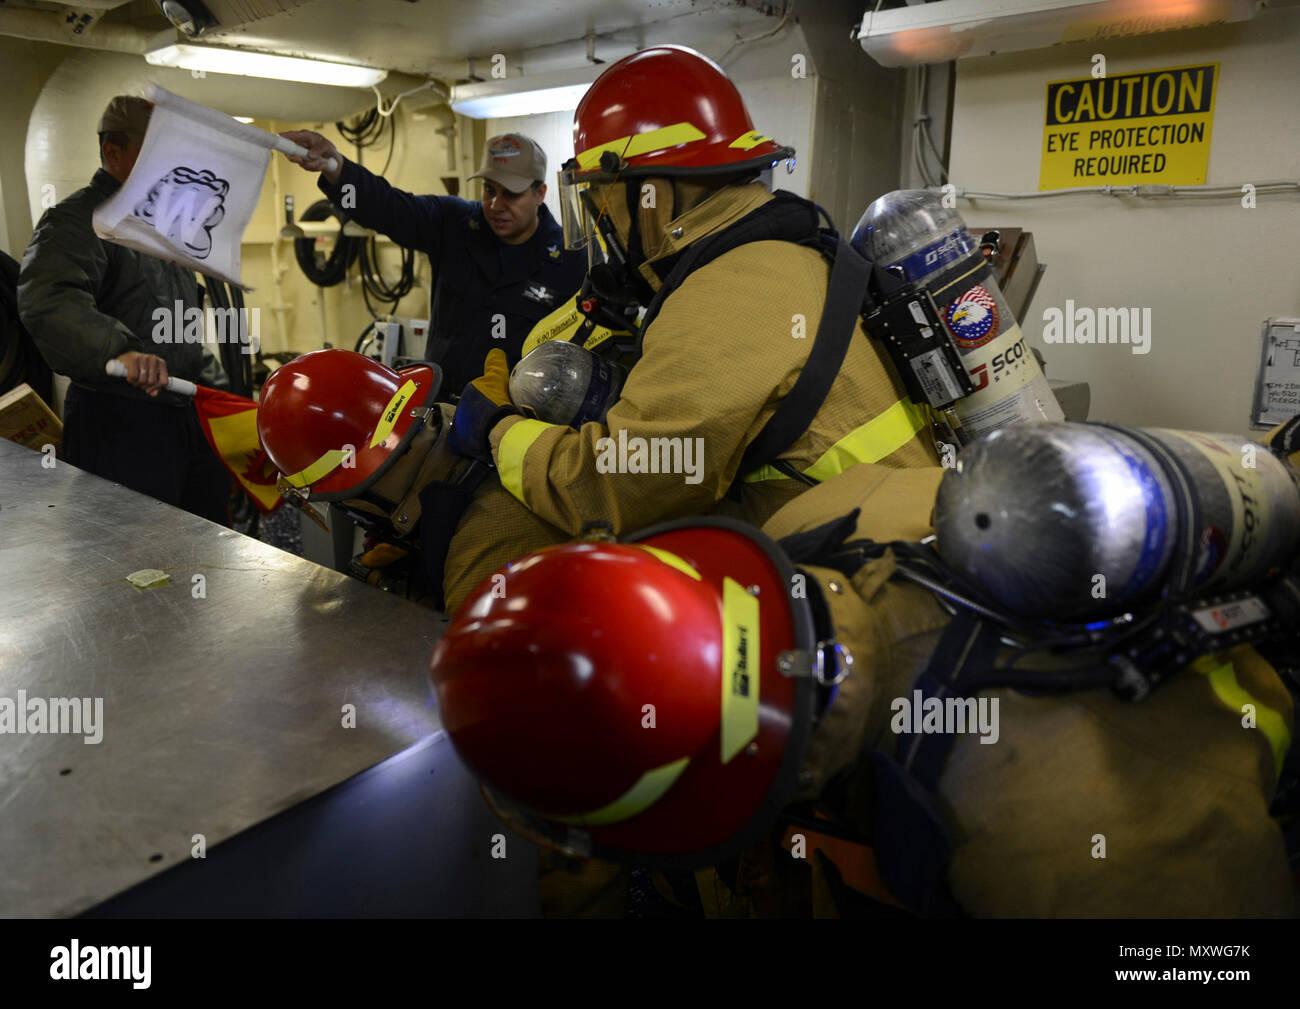 Ship Pursuing Stock Photos & Ship Pursuing Stock Images - Alamy